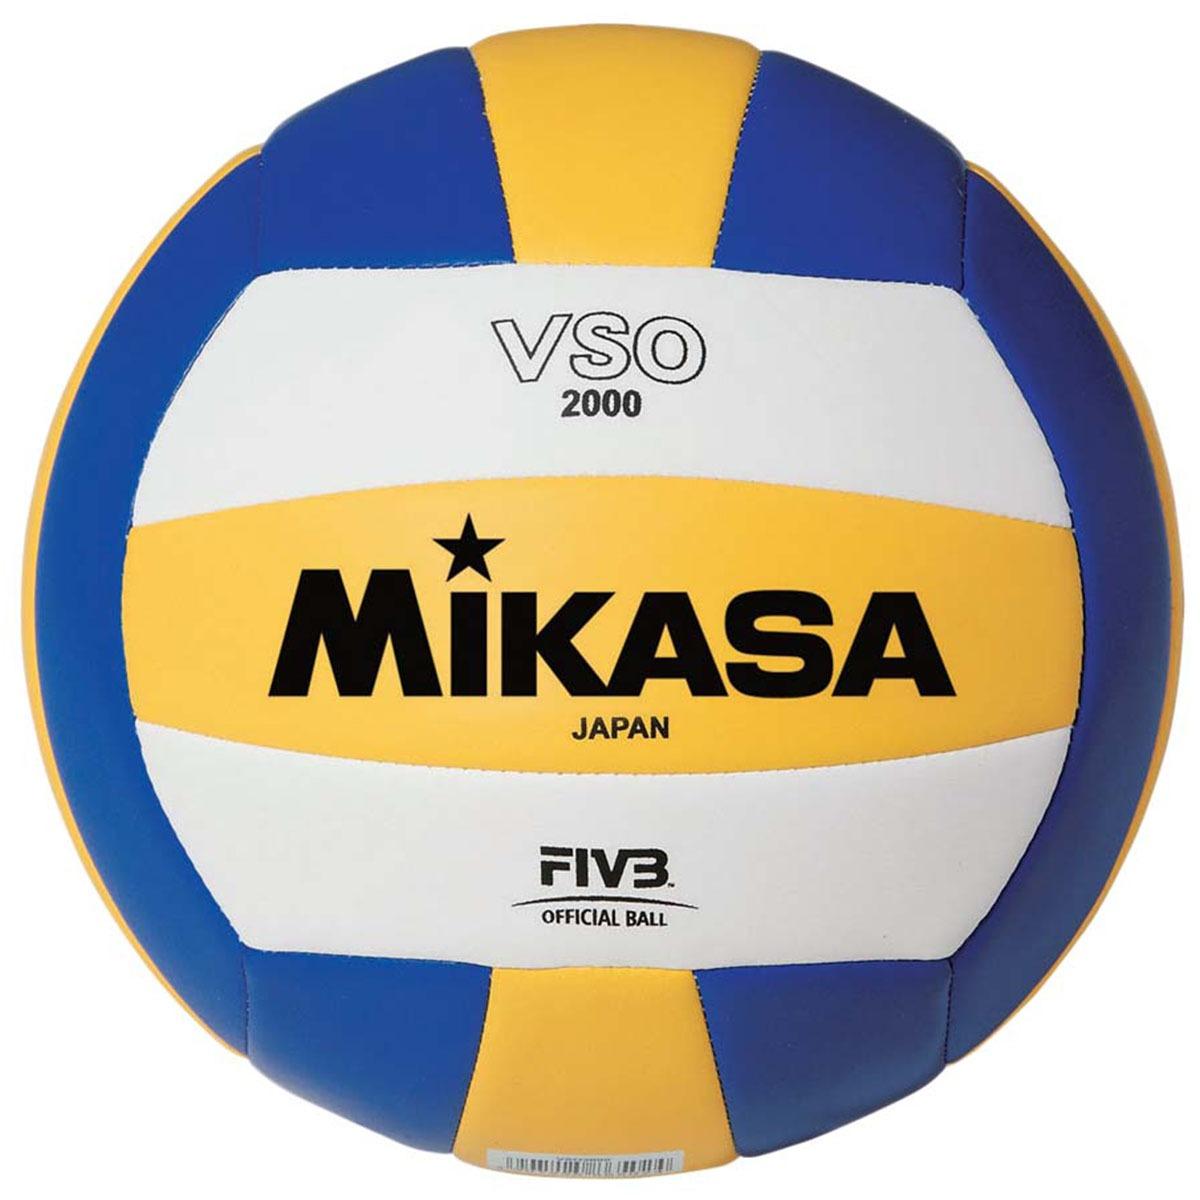 Bola De Vôlei Mikasa Vso2000 Oficial Fivb C nf De 149 218c68581dd3c